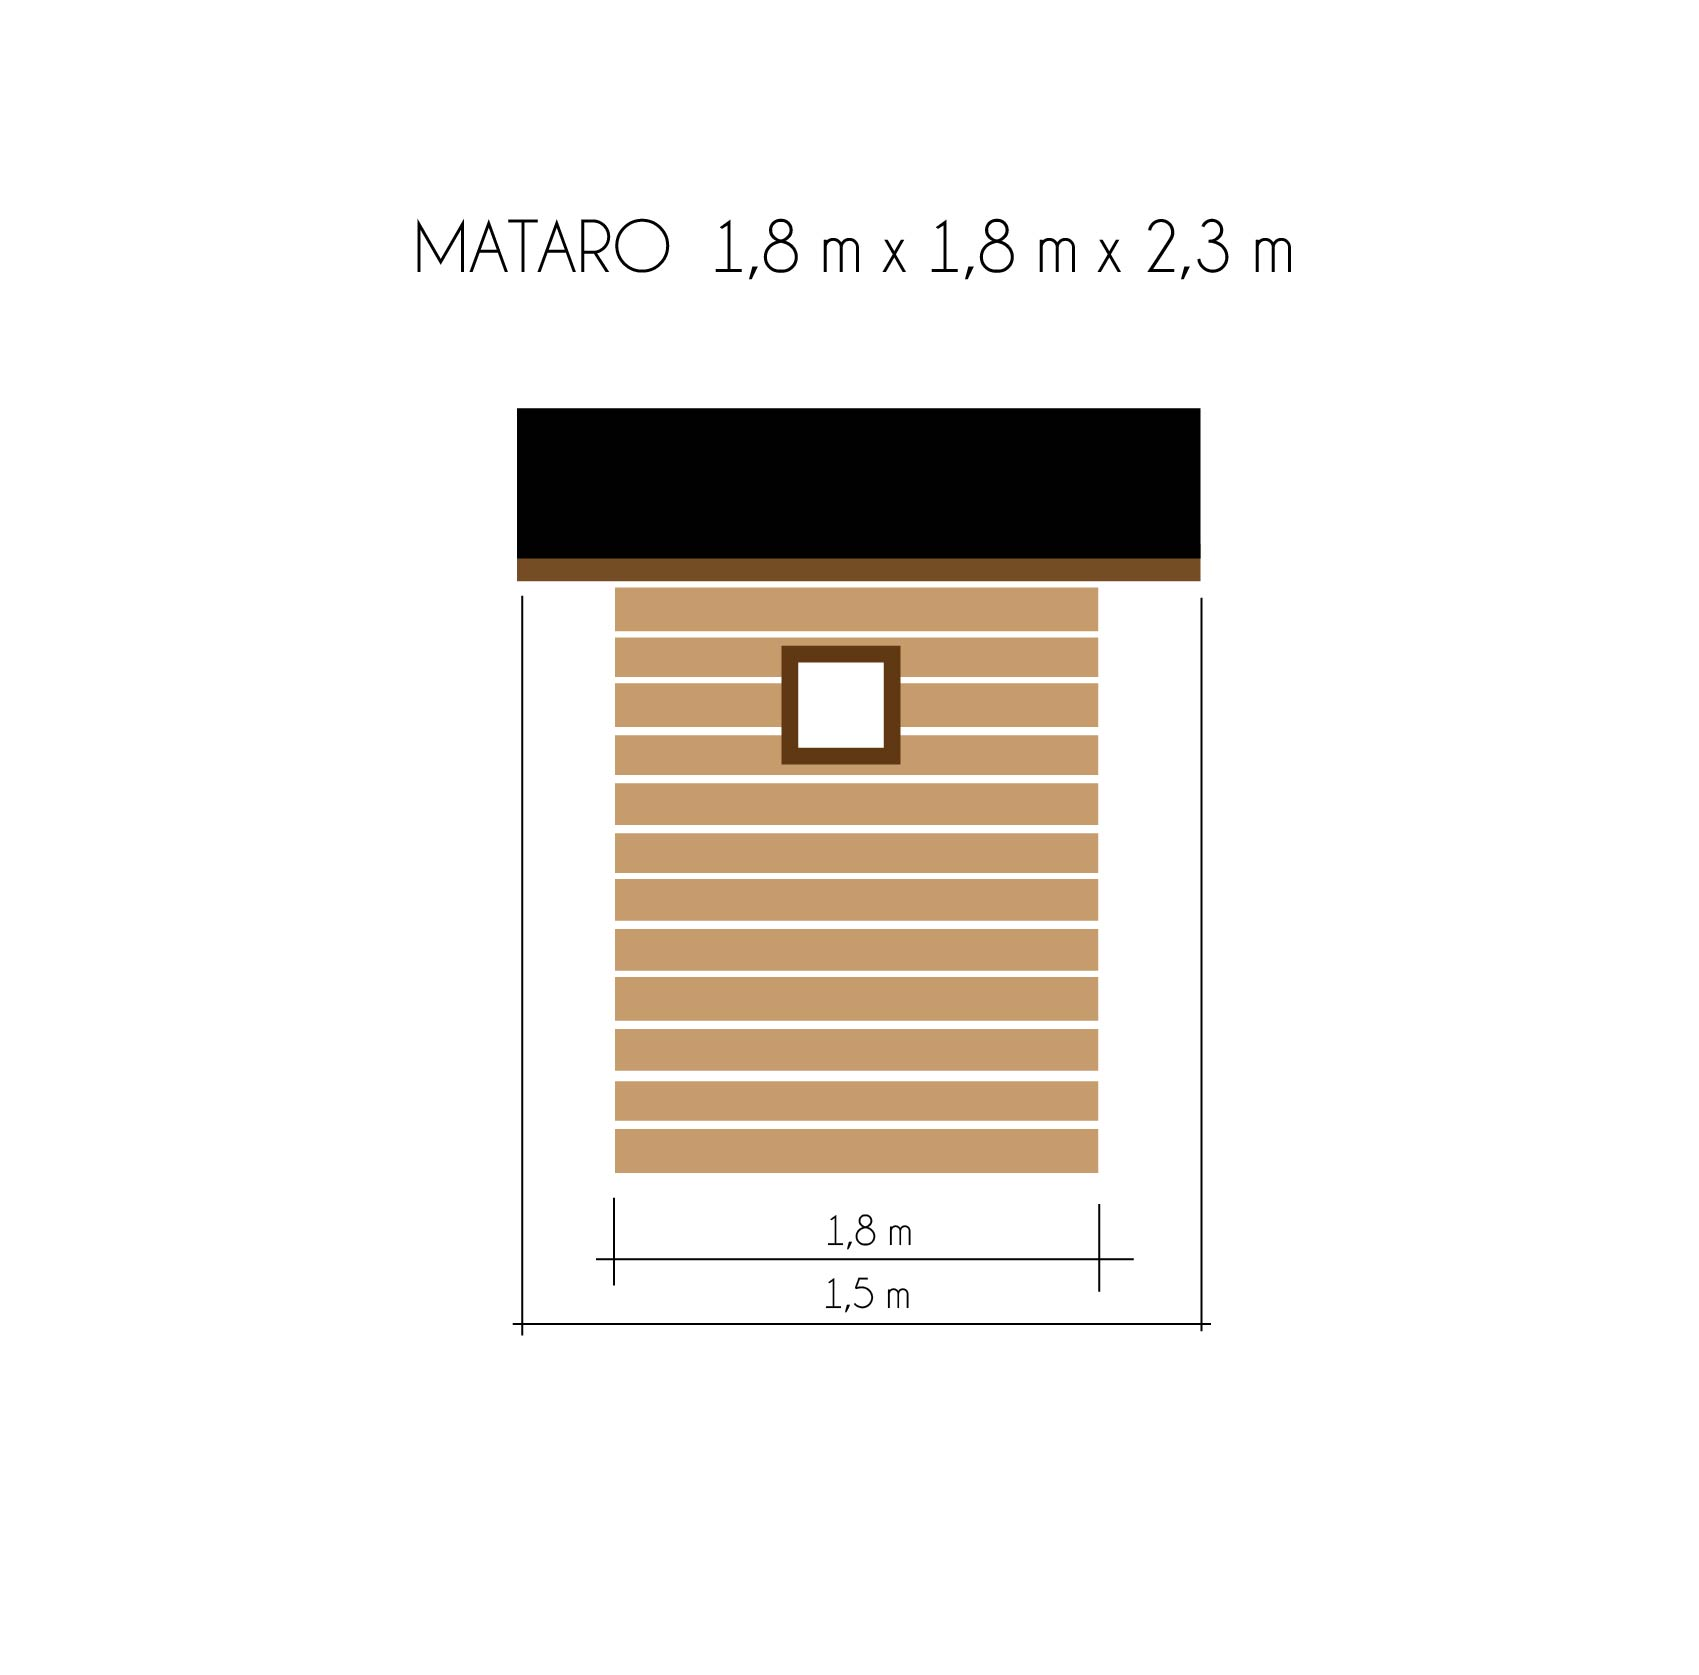 gartenh user bis 4 m2 gartenhaus aus holz 1 8m x 1 8m 16mm mit fenster mataro ger tehaus. Black Bedroom Furniture Sets. Home Design Ideas